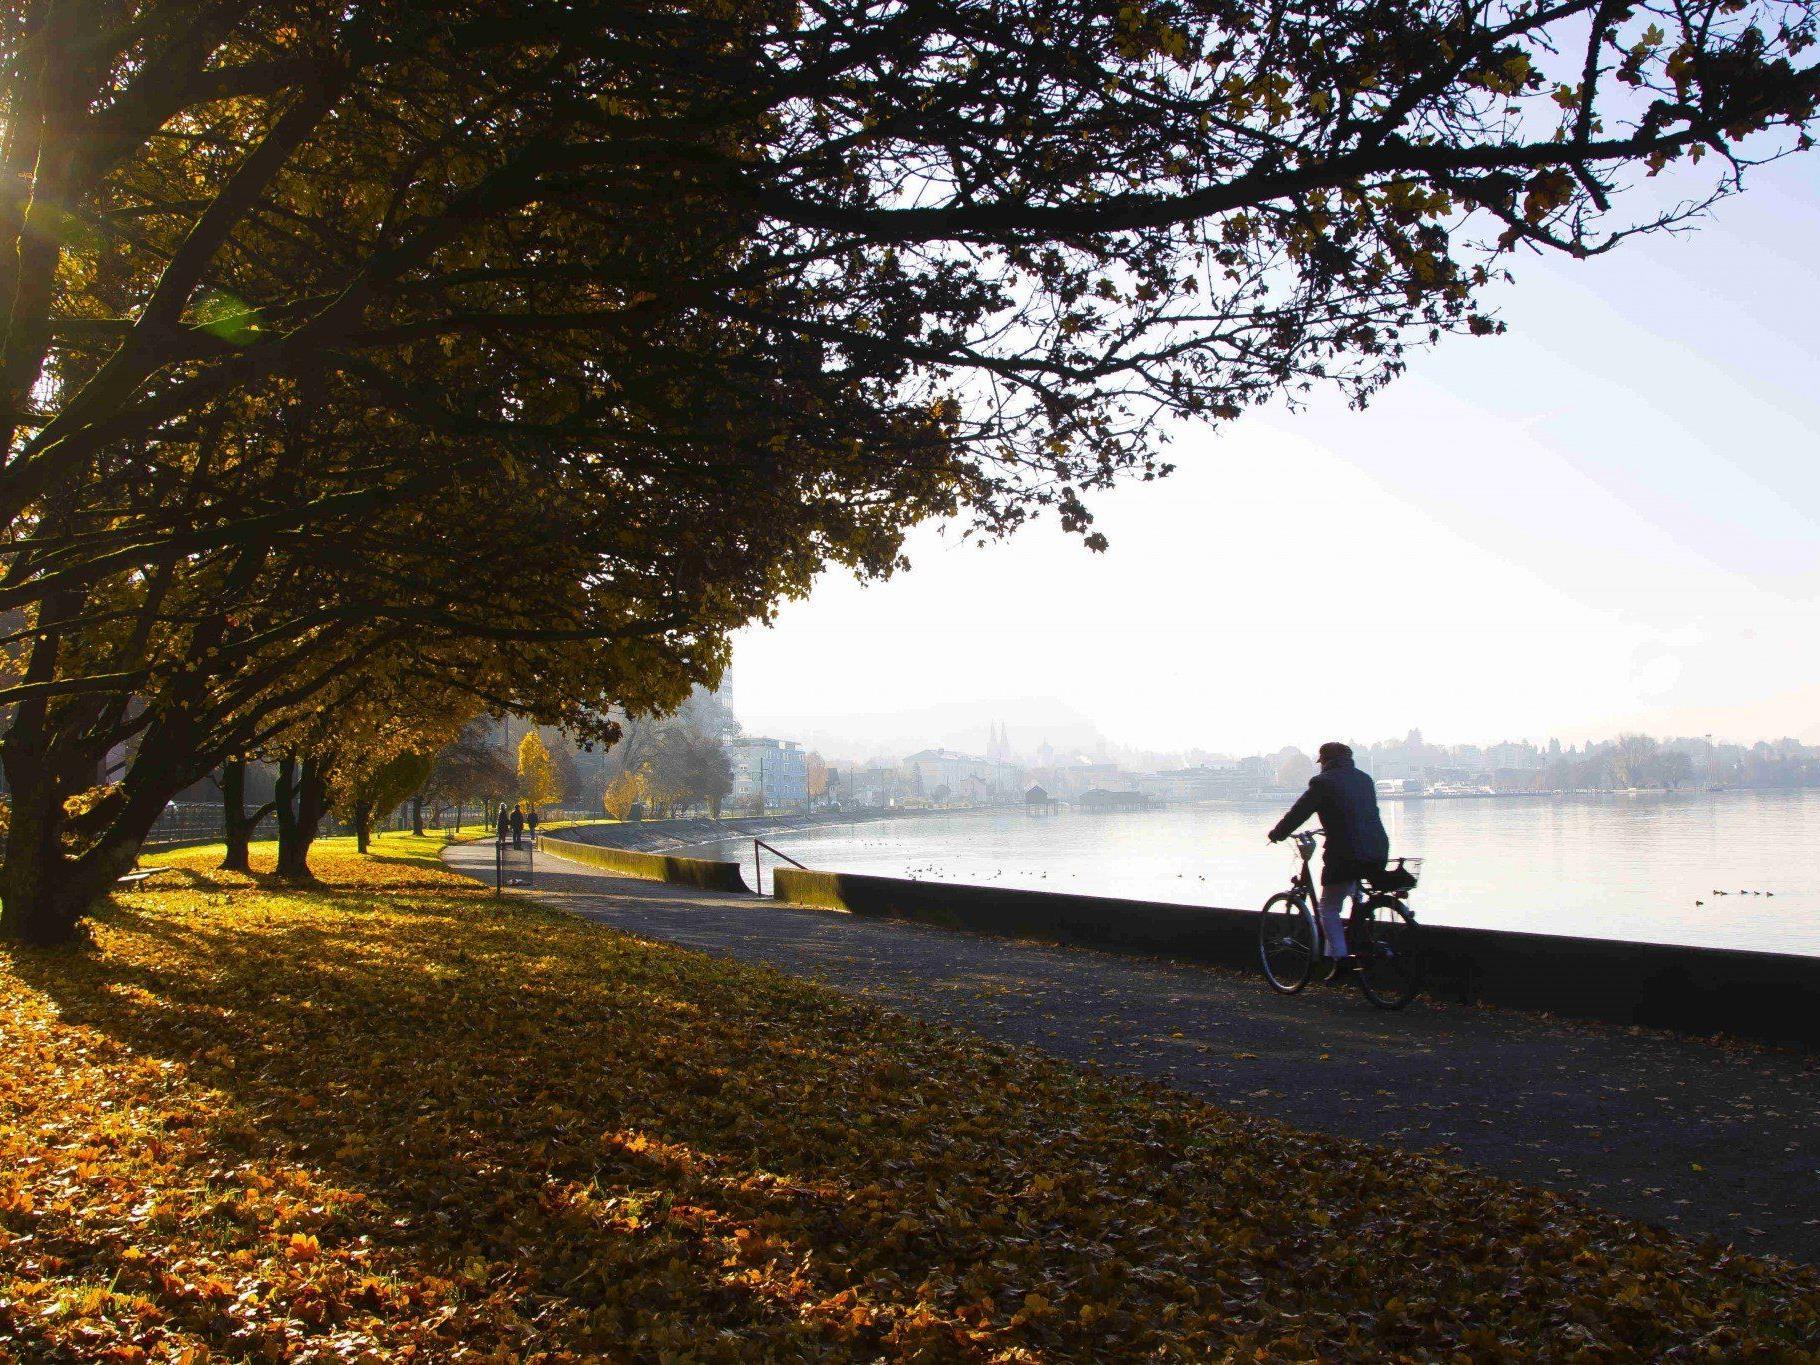 Zuversichtlicher Blick in den Herbst: Spielt das Wetter mit, könnte der Rekord vom Vorjahr übertroffen werden.